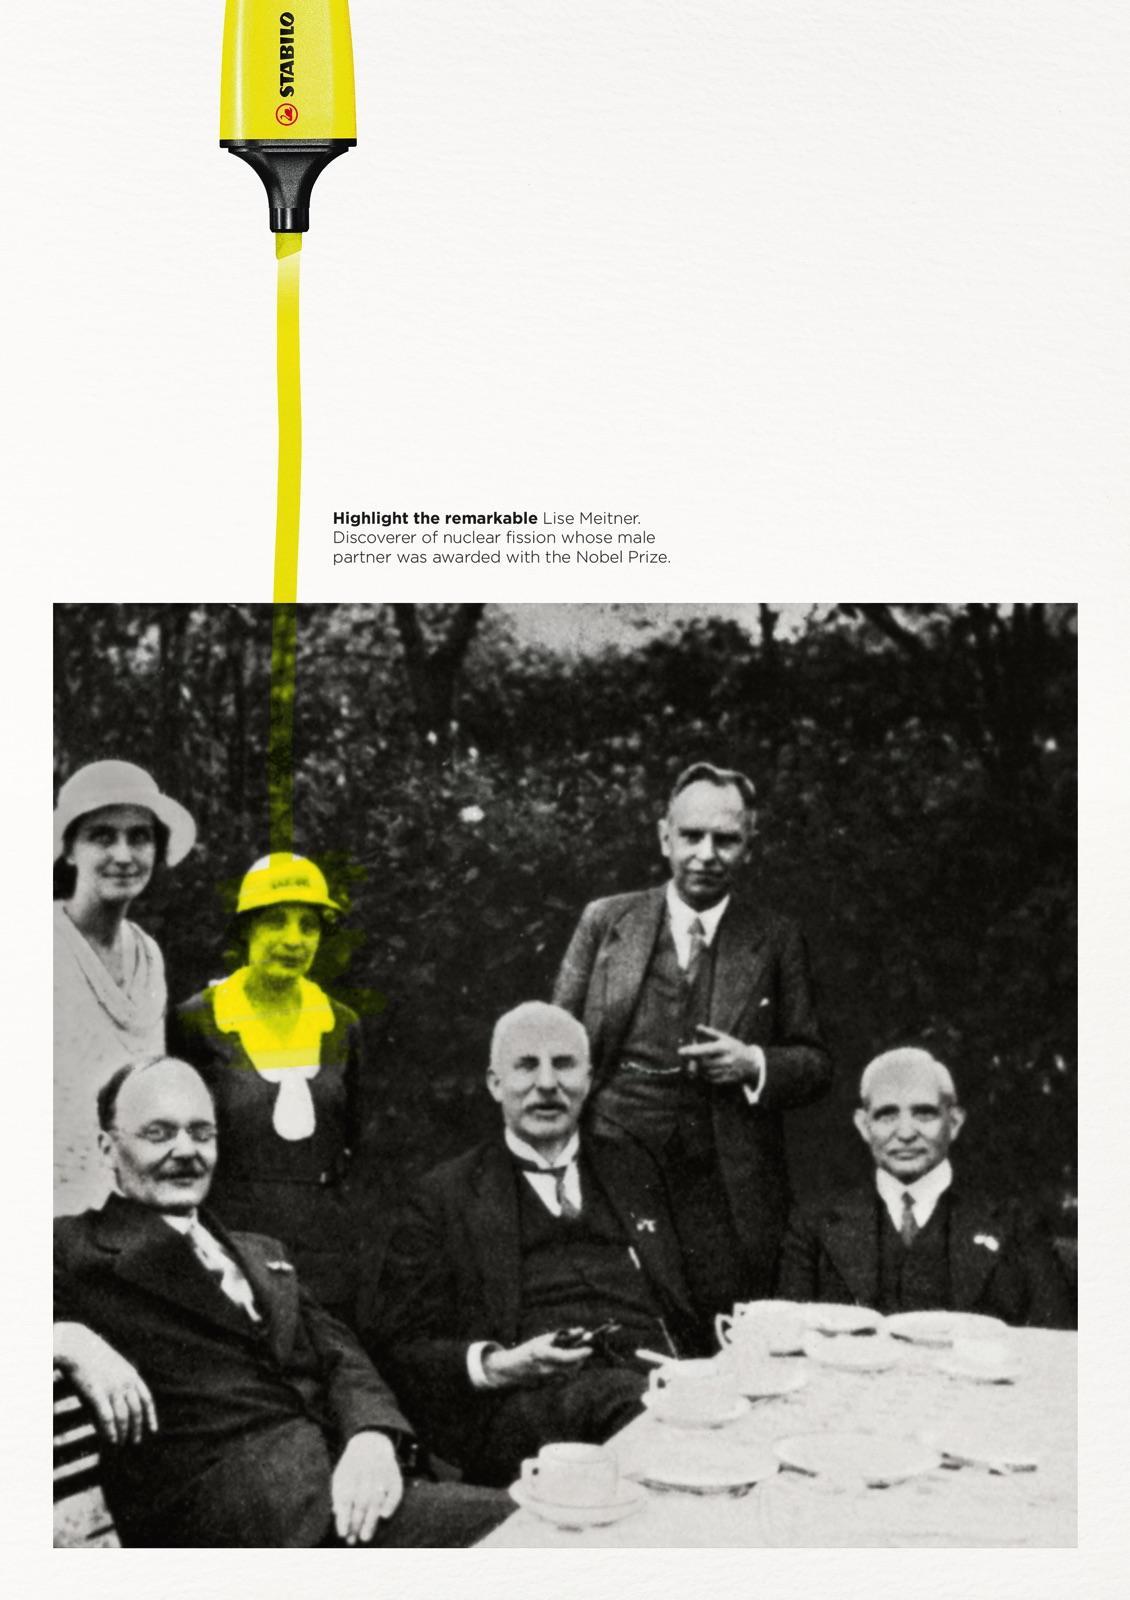 Highlight the remarkable - Lise Meitner